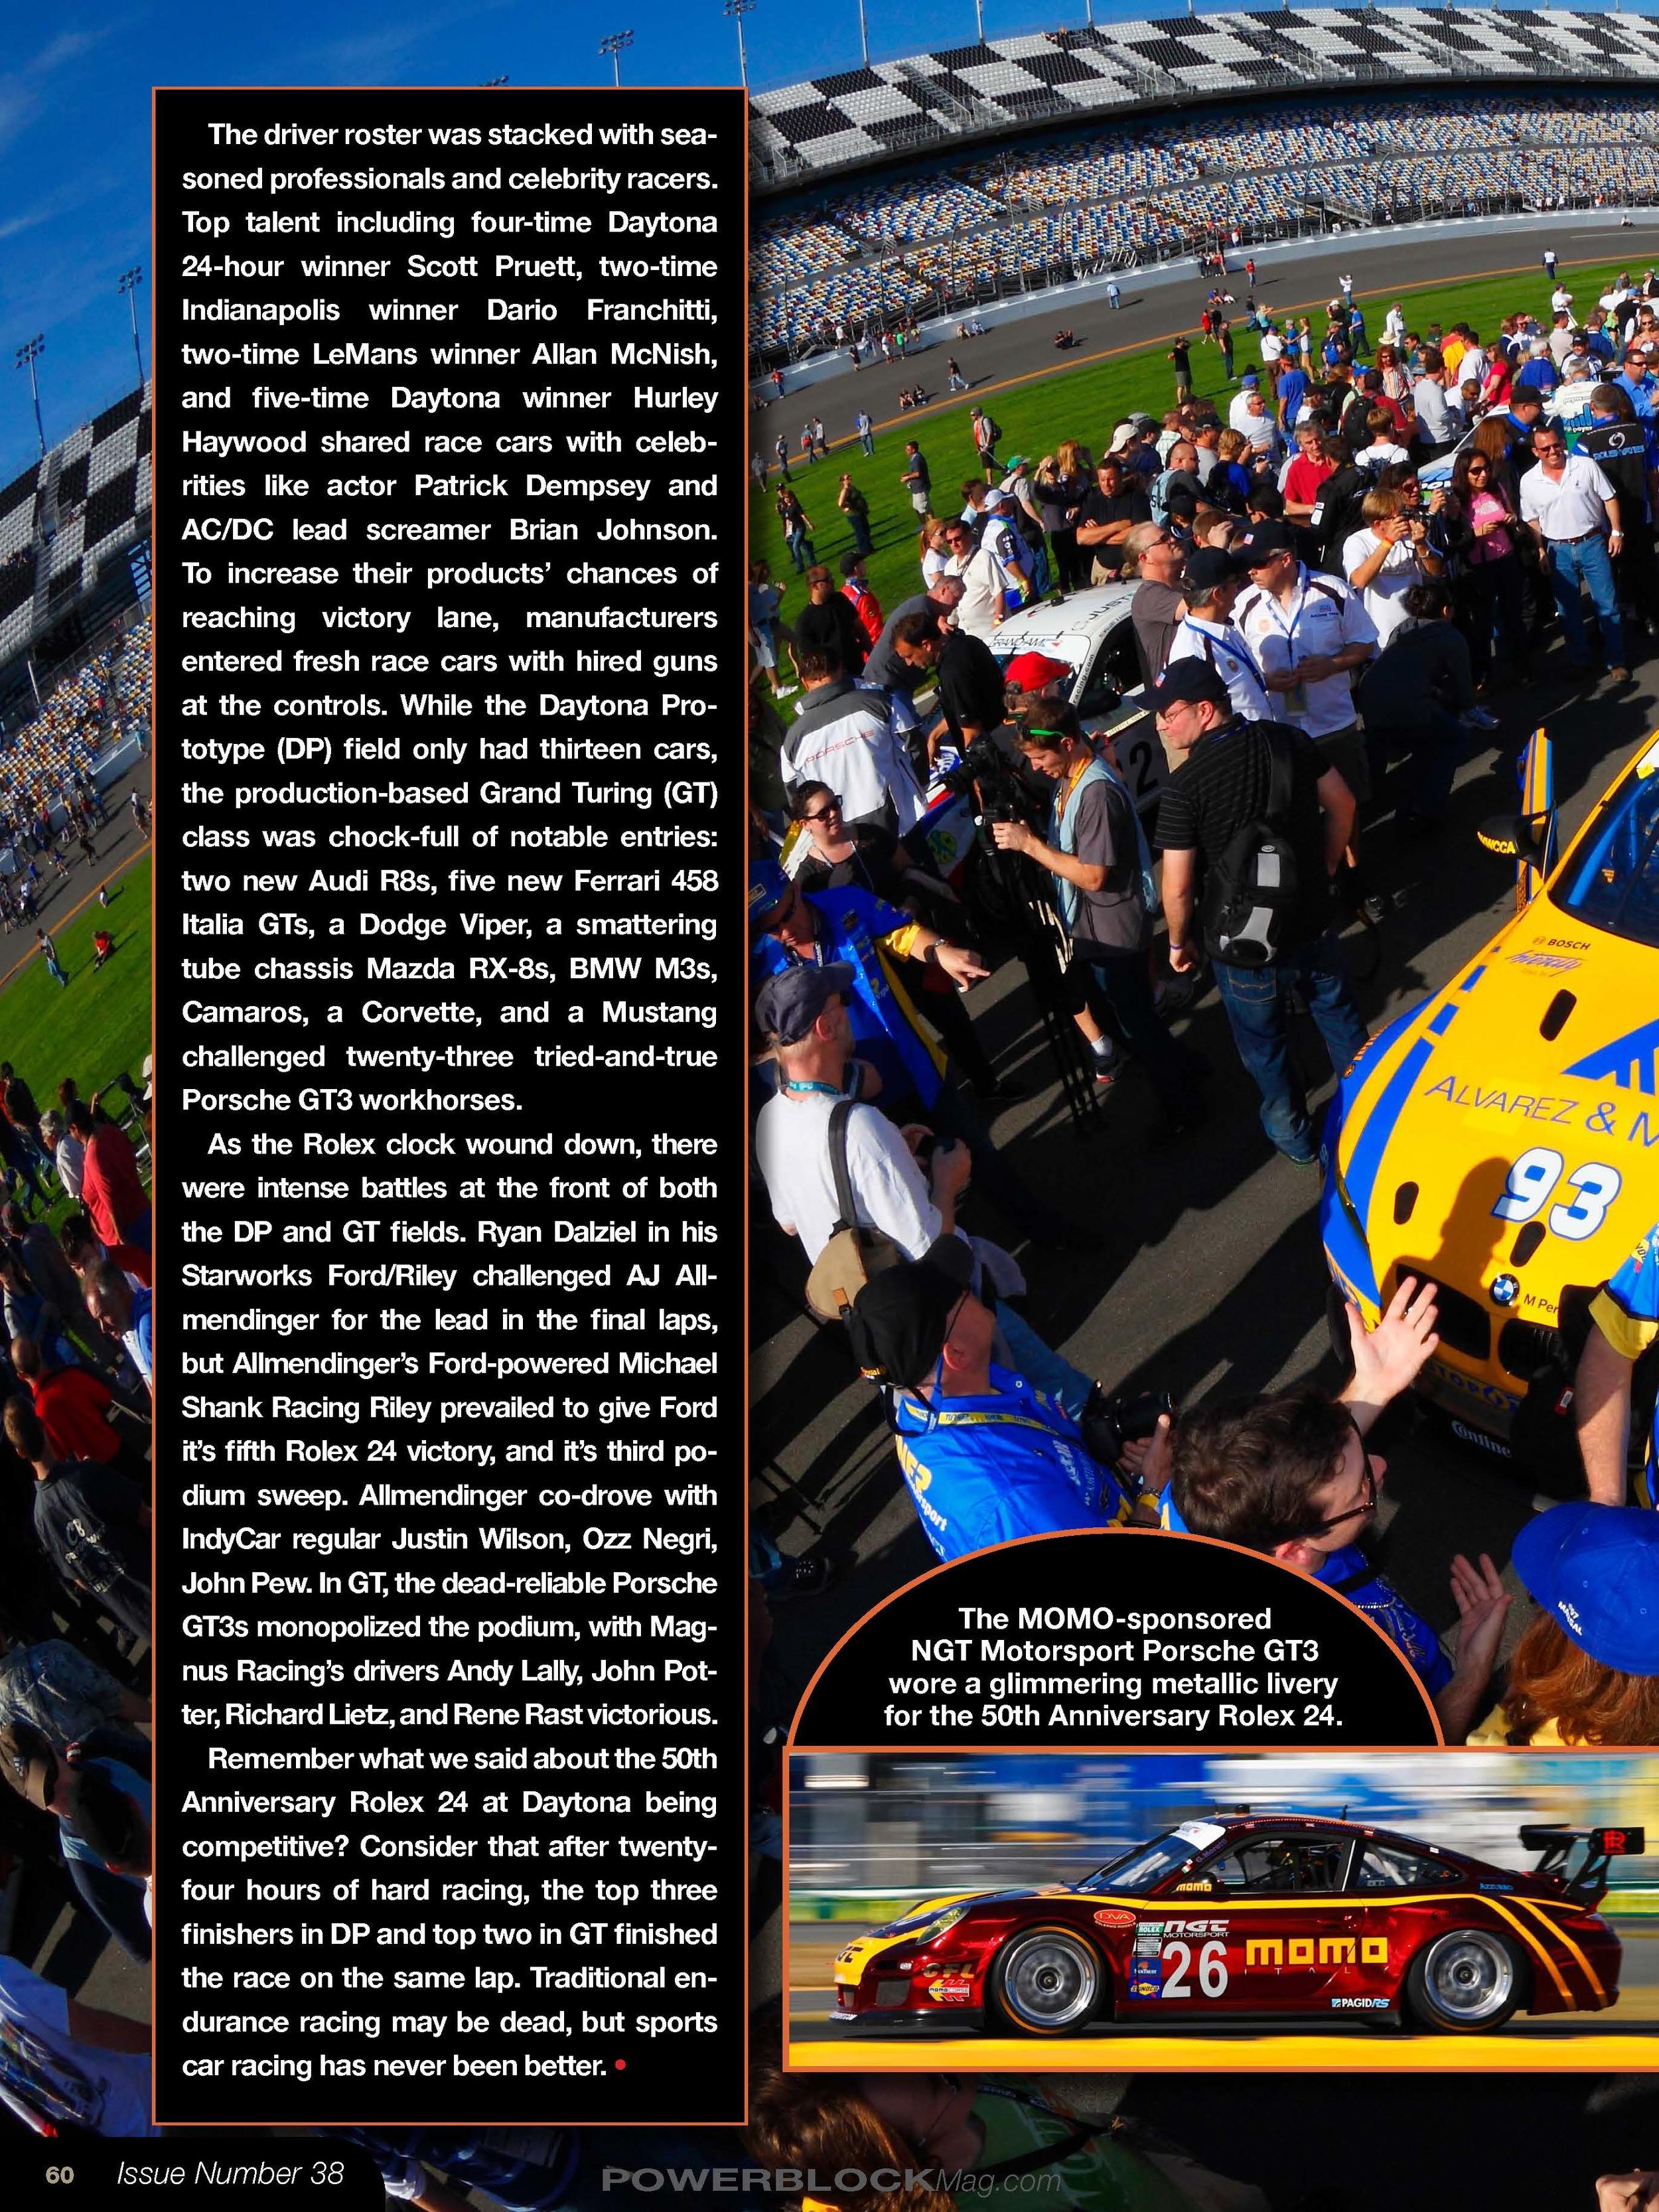 powerblockmagazine_issue38_rolex24_Page_06.jpg